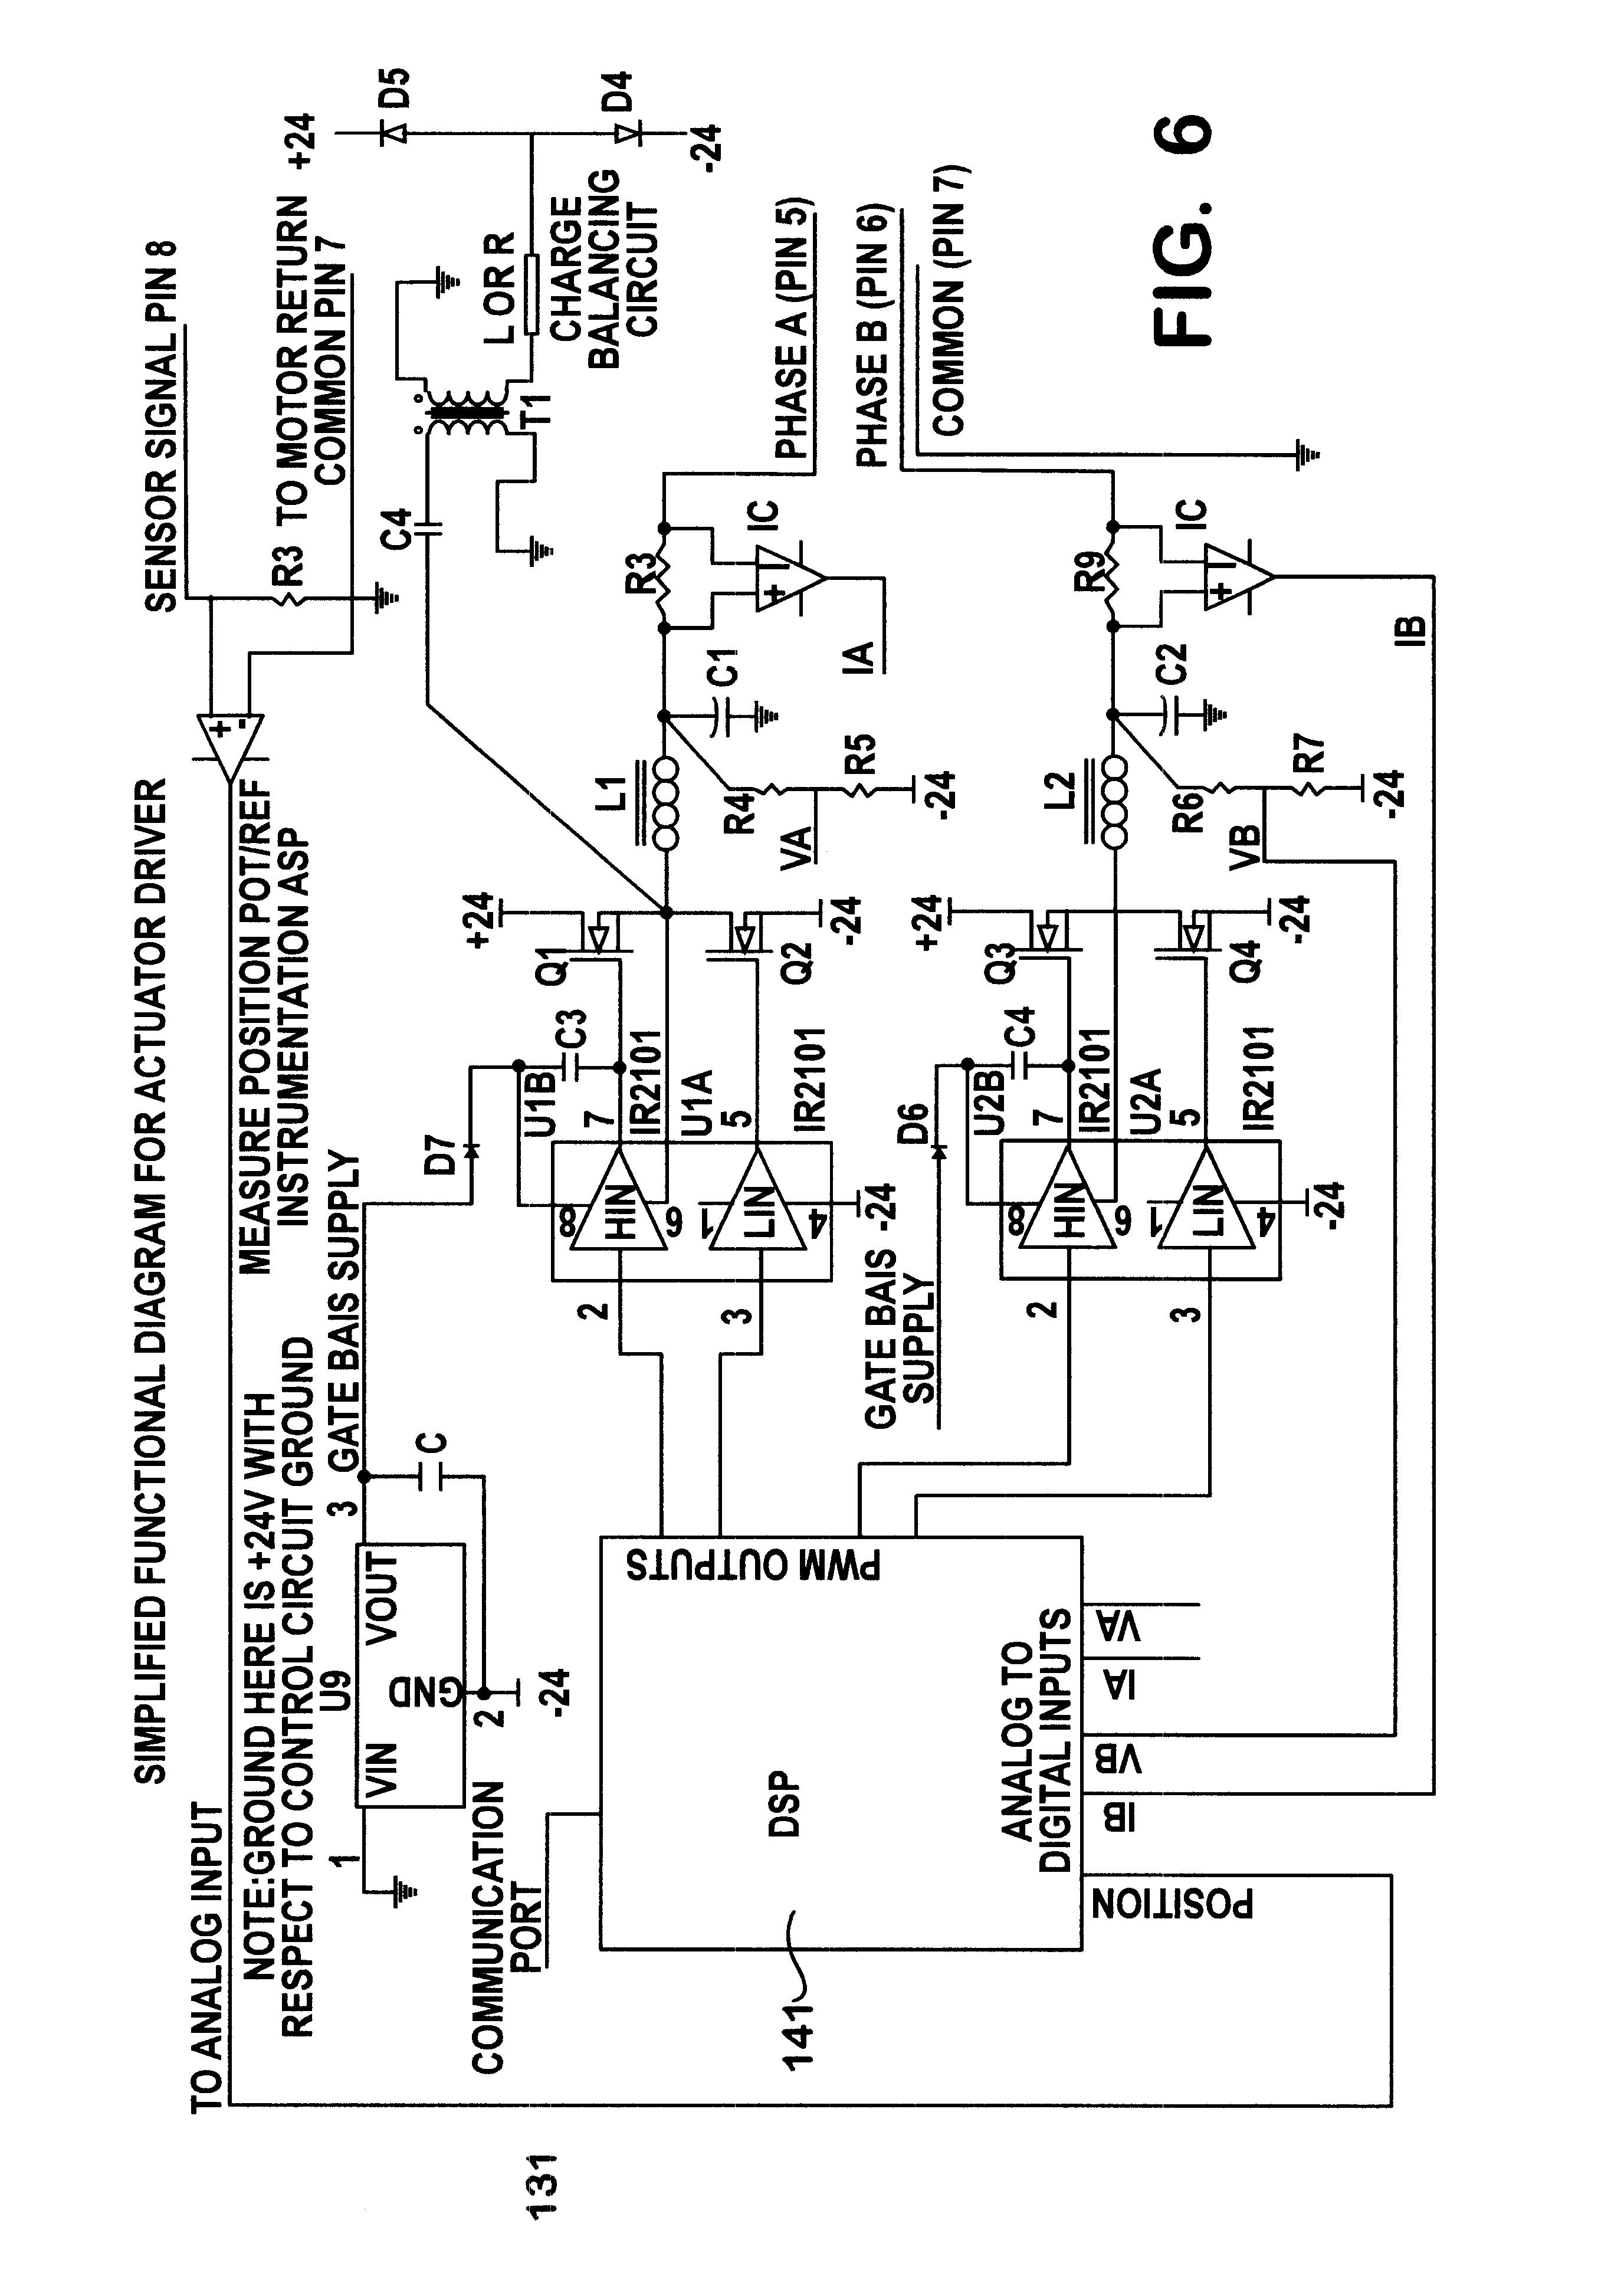 Tennant Centurion Wiring Diagram